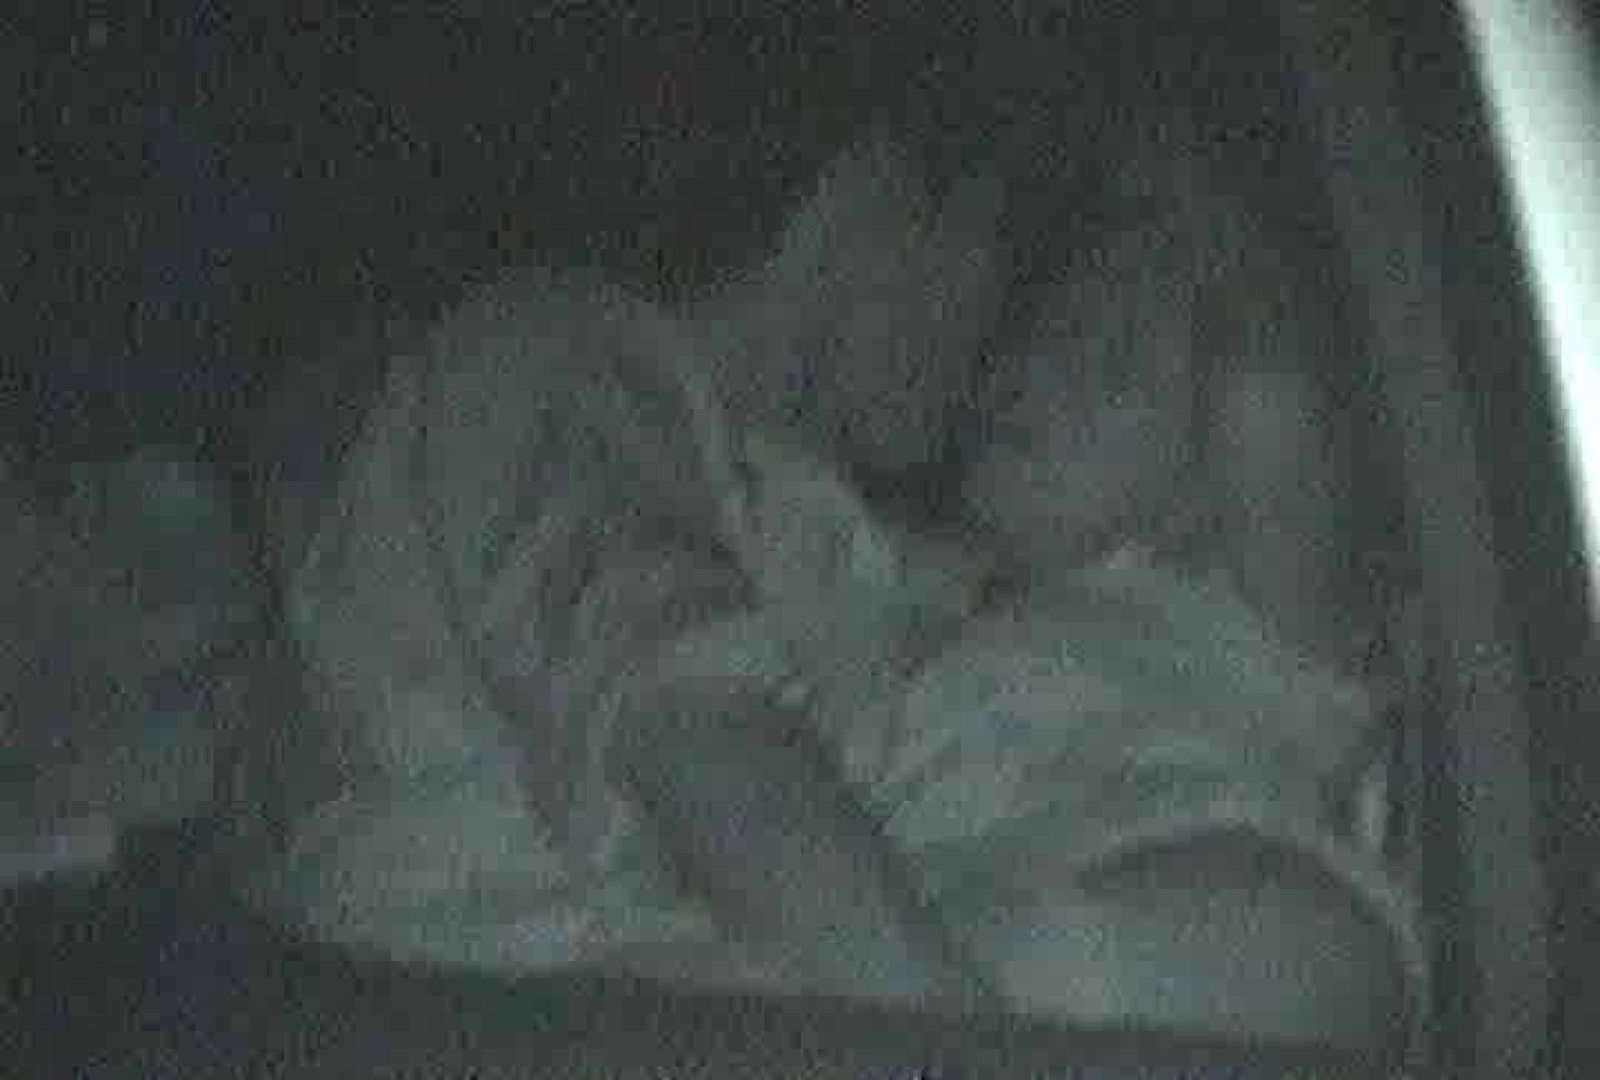 充血監督の深夜の運動会Vol.69 エロティックなOL おめこ無修正画像 58画像 50